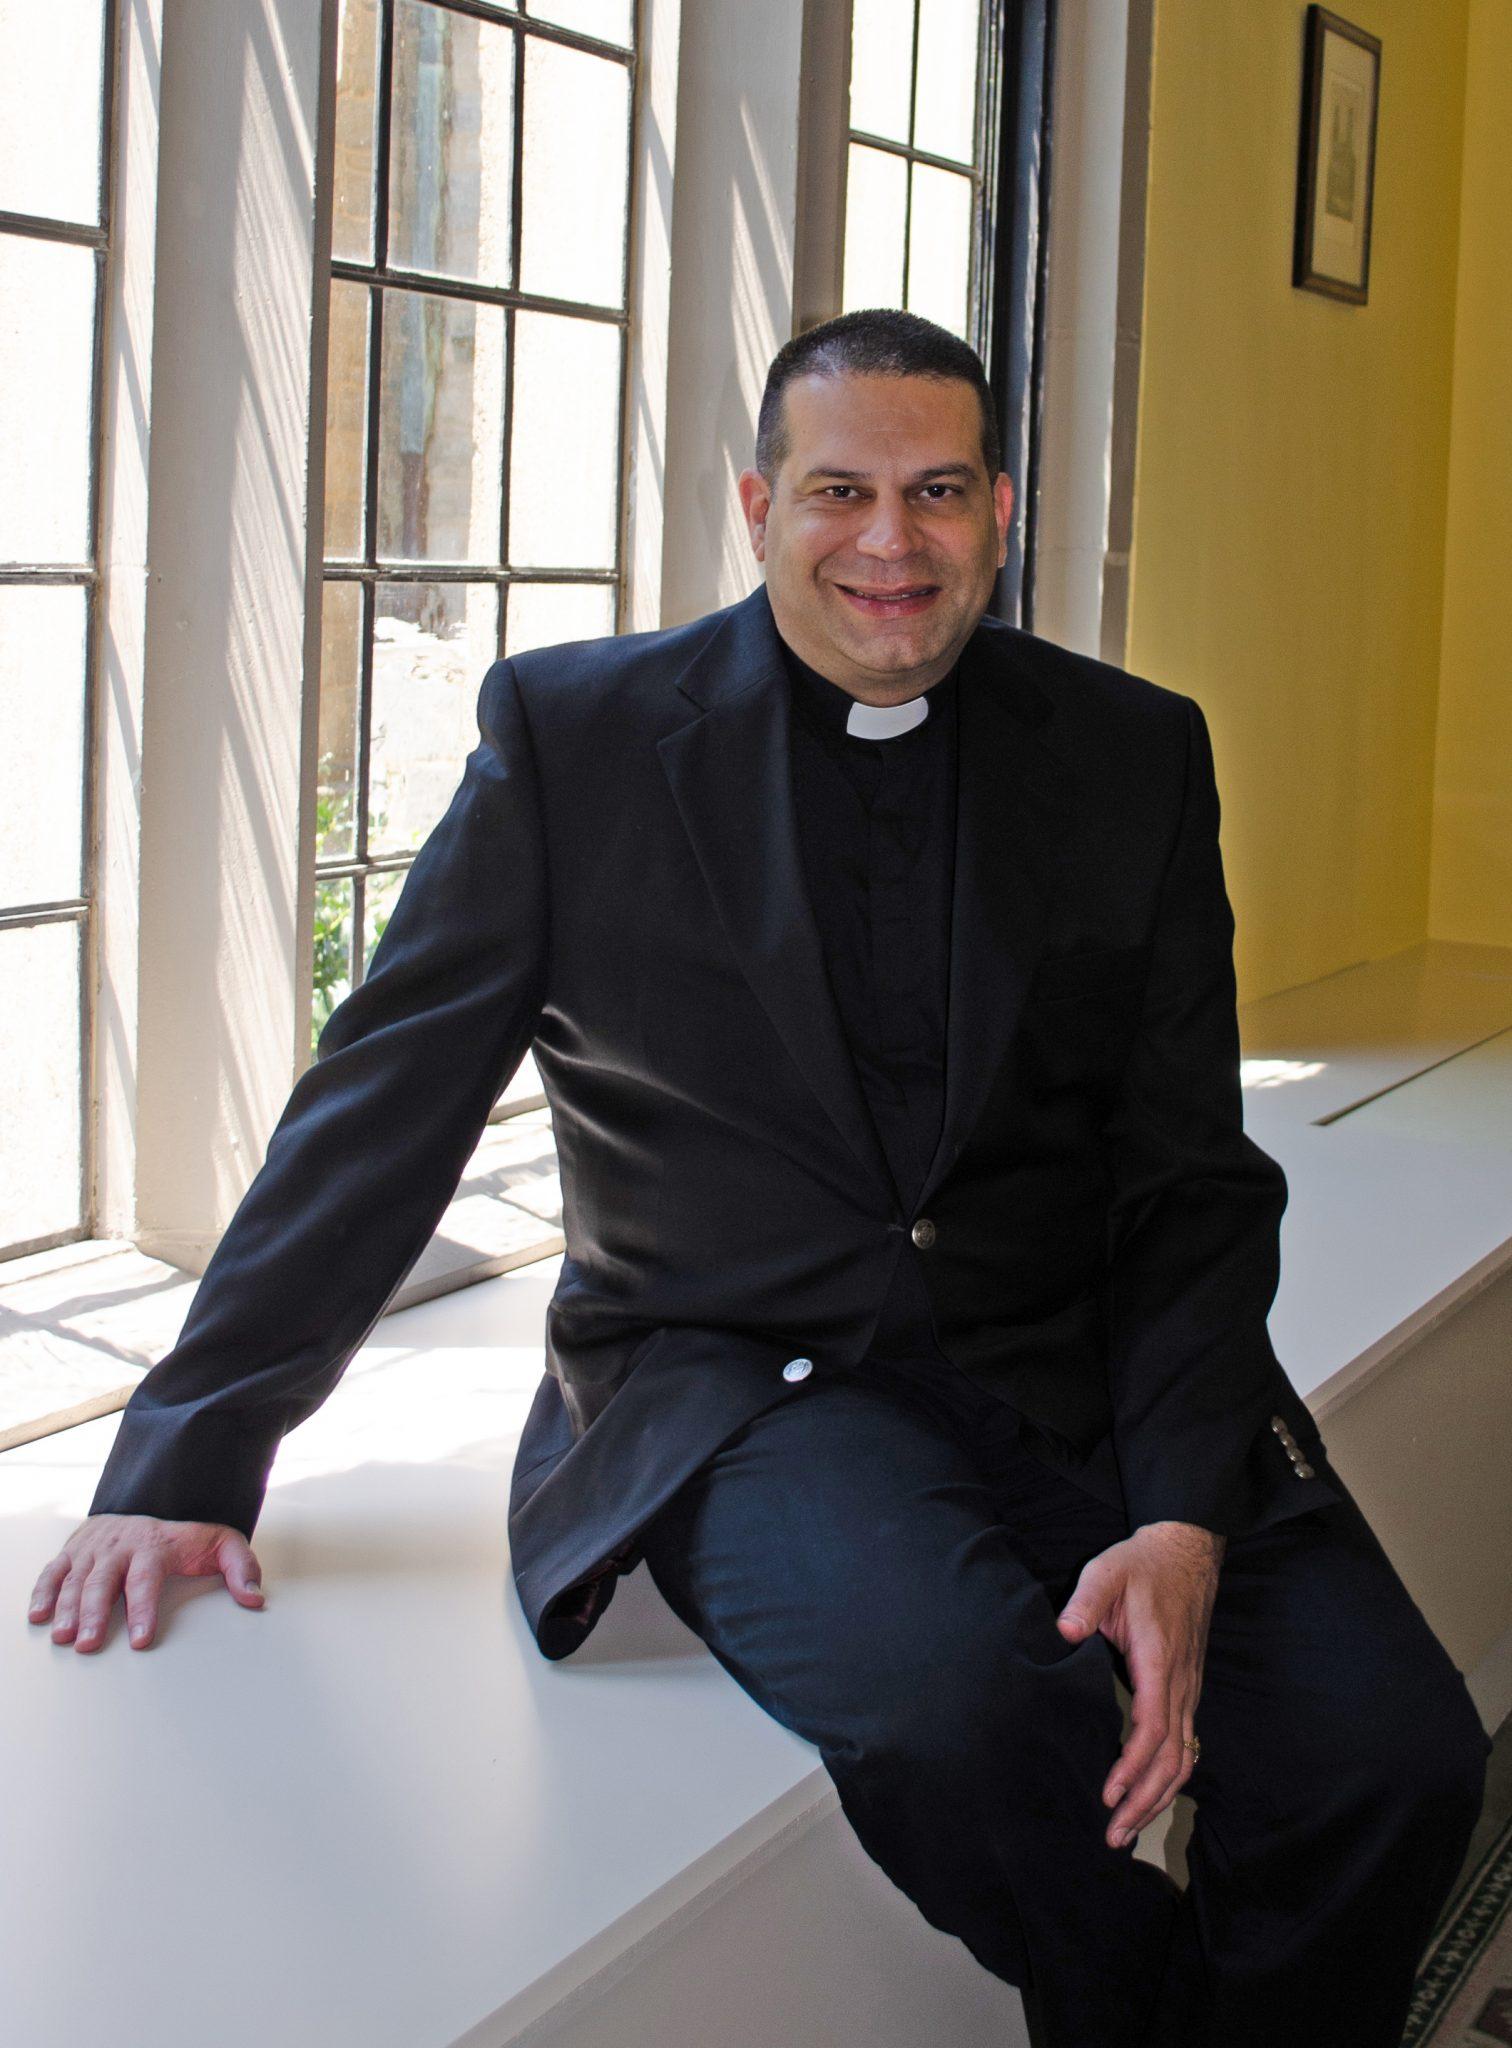 Acting Rector, Fr. Dominic Ciriaco